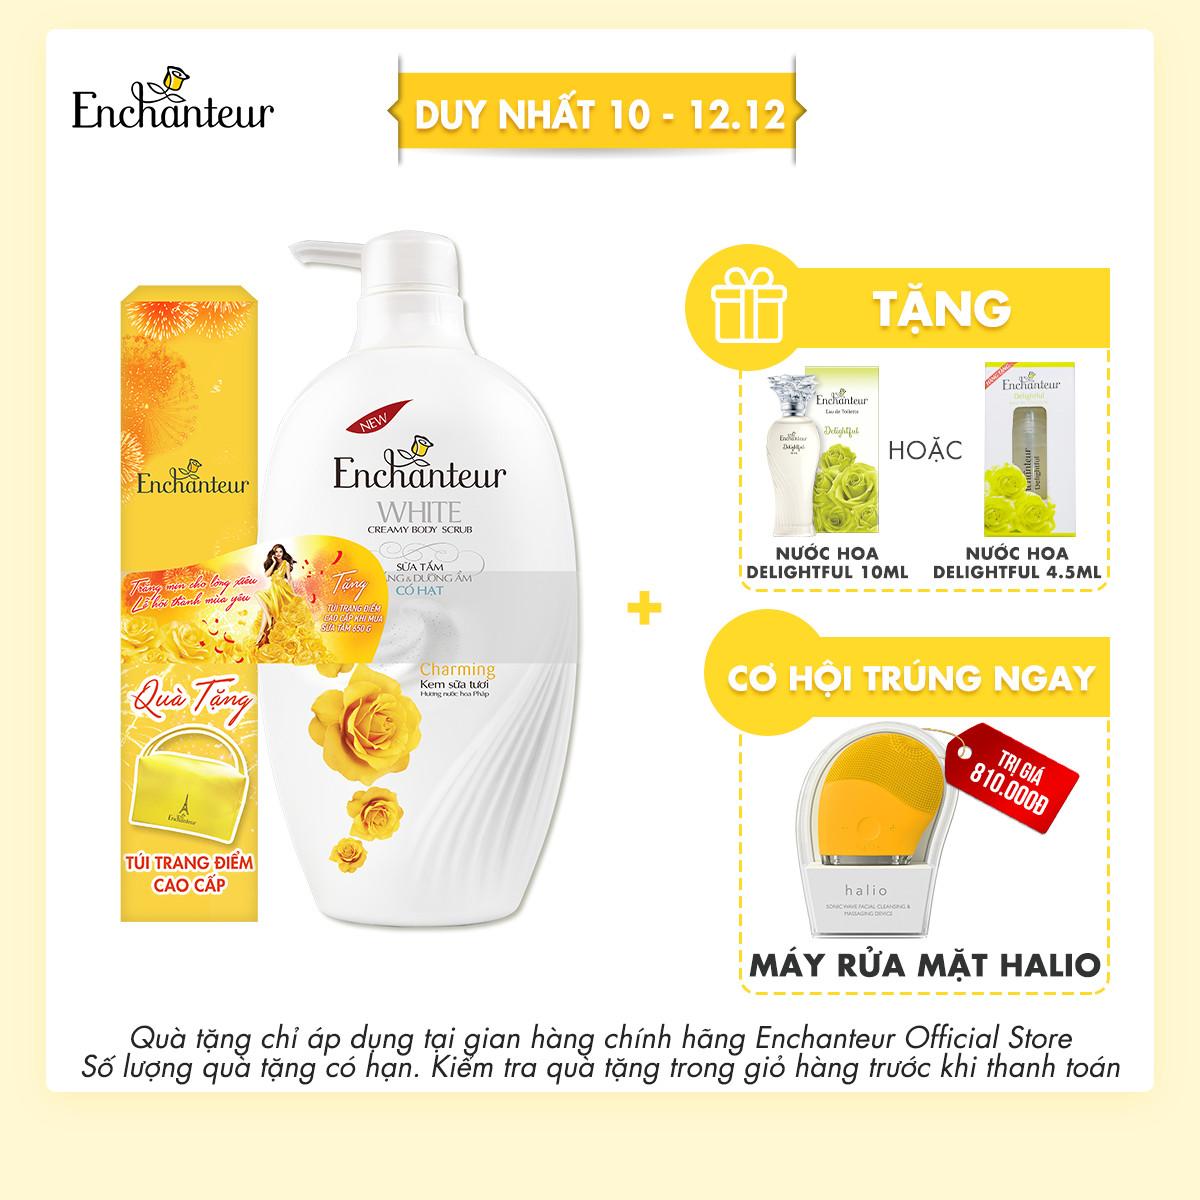 Sữa tắm trắng và dưỡng ẩm có hạt Enchanteur Sensation/Charming 650gr - Tặng túi trang điểm Enchanteur